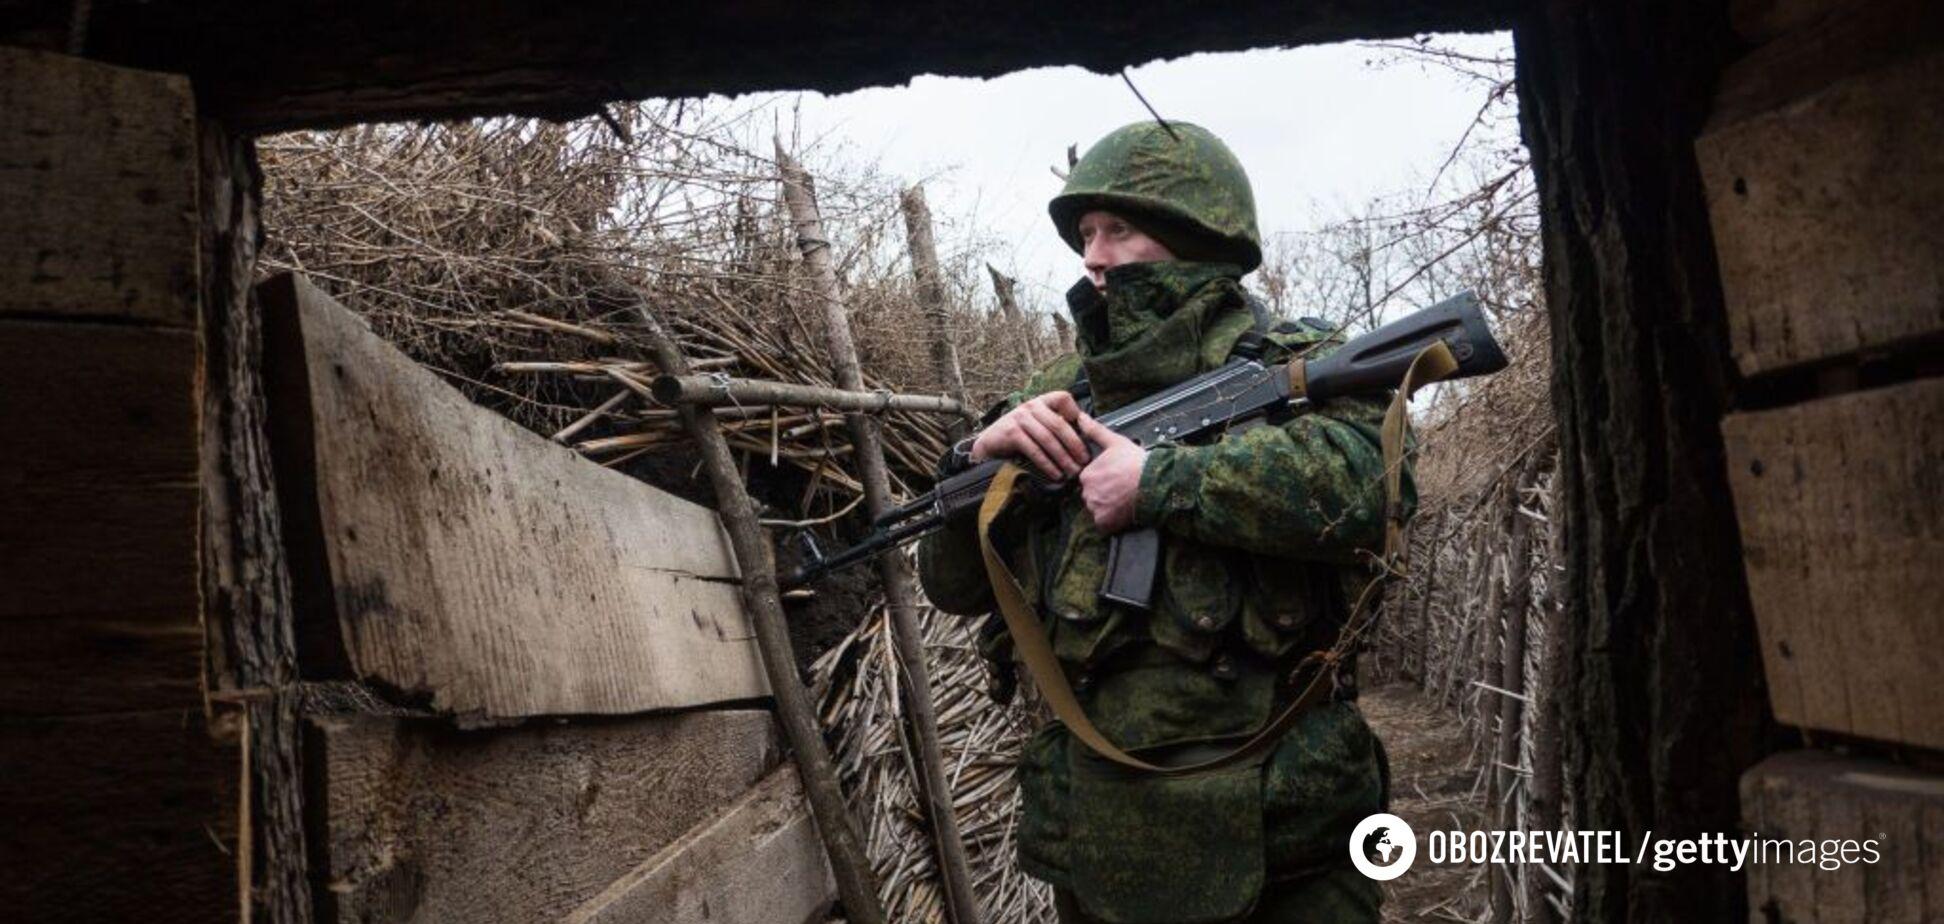 Бійці ОС під носом у 'Л/ДНР' влаштували потужні стрільби: сильне відео